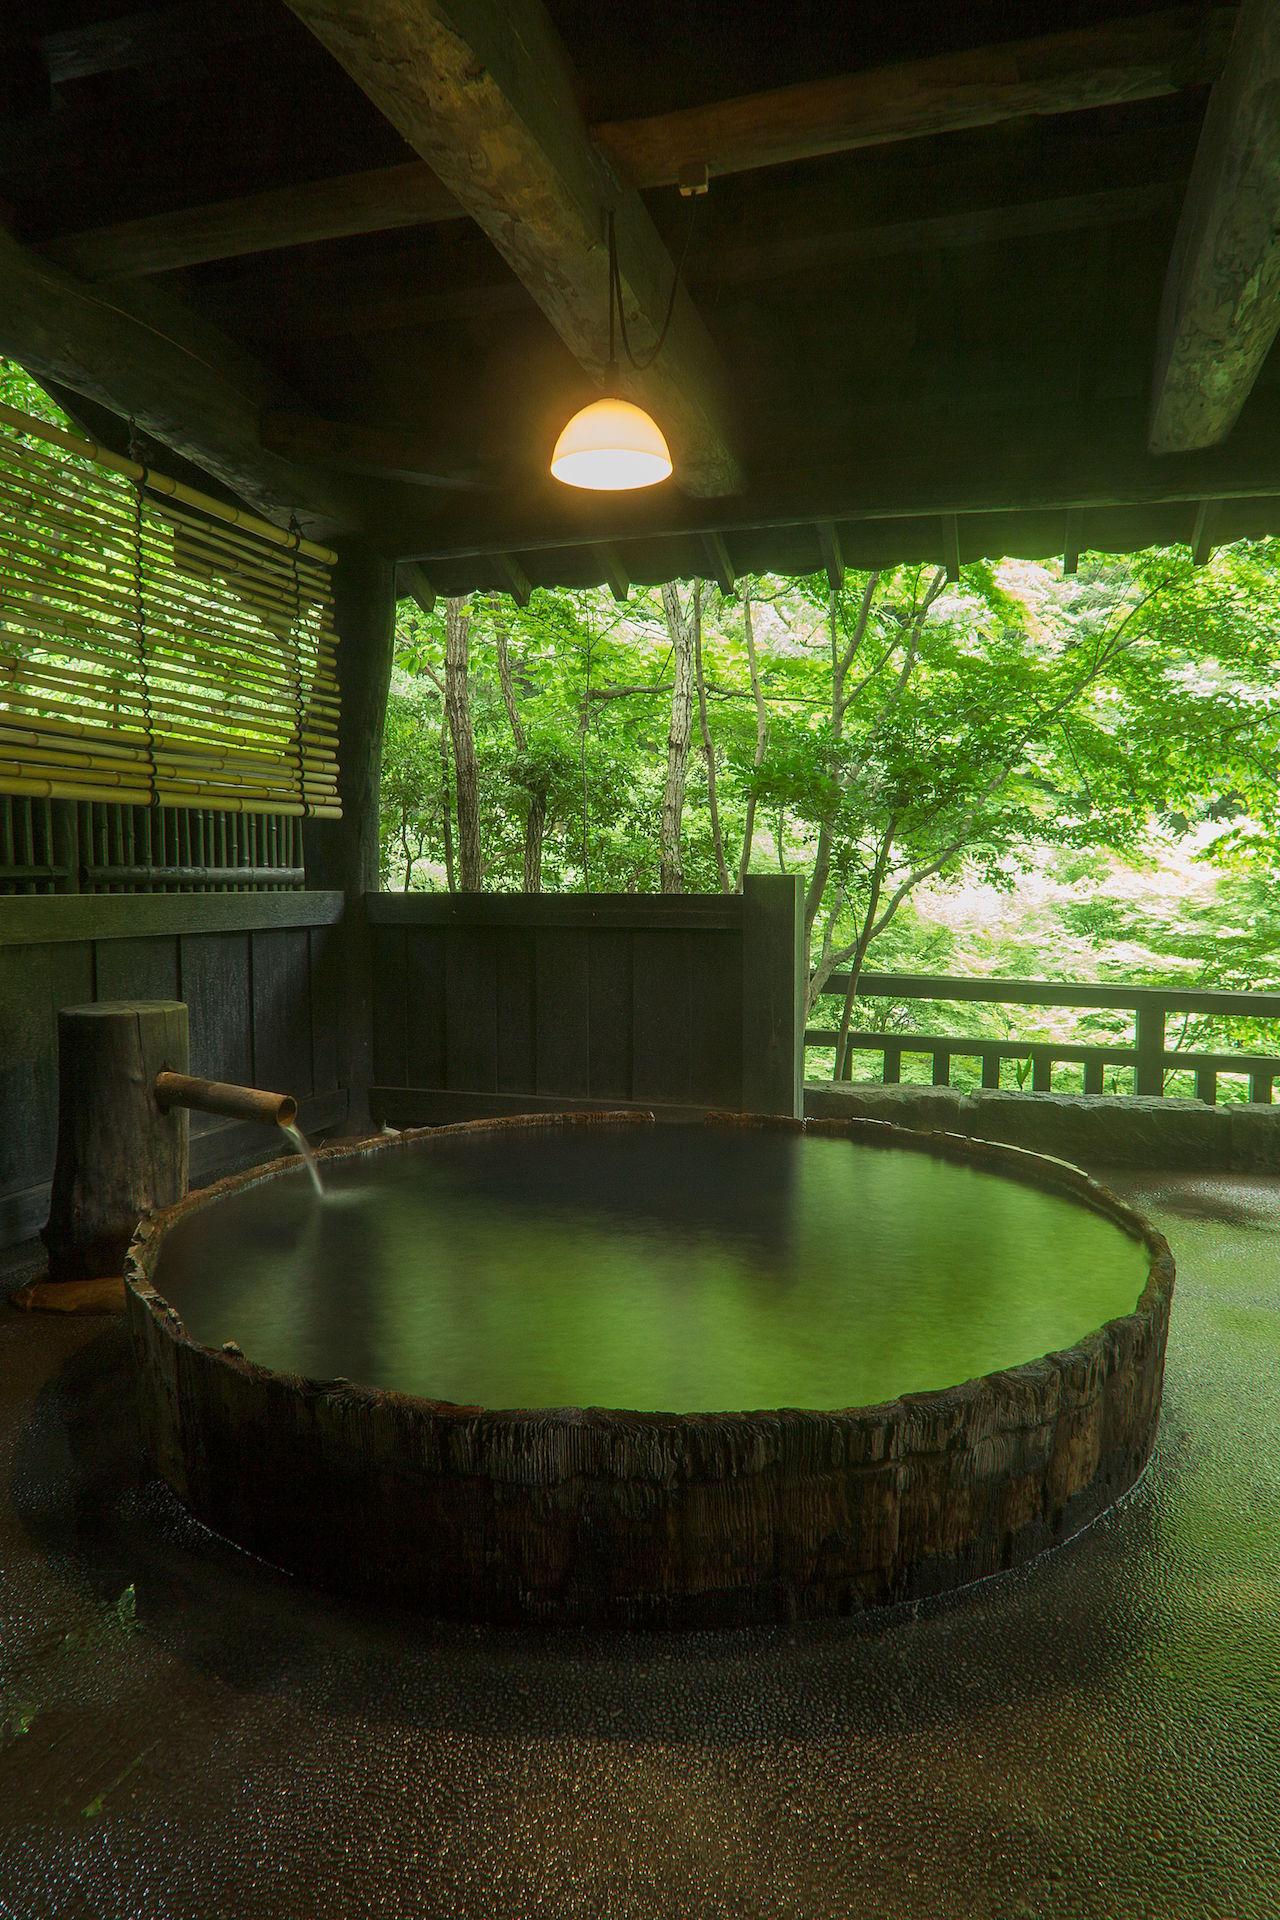 黒川温泉 山河 貸切露天風呂 六尺桶風呂